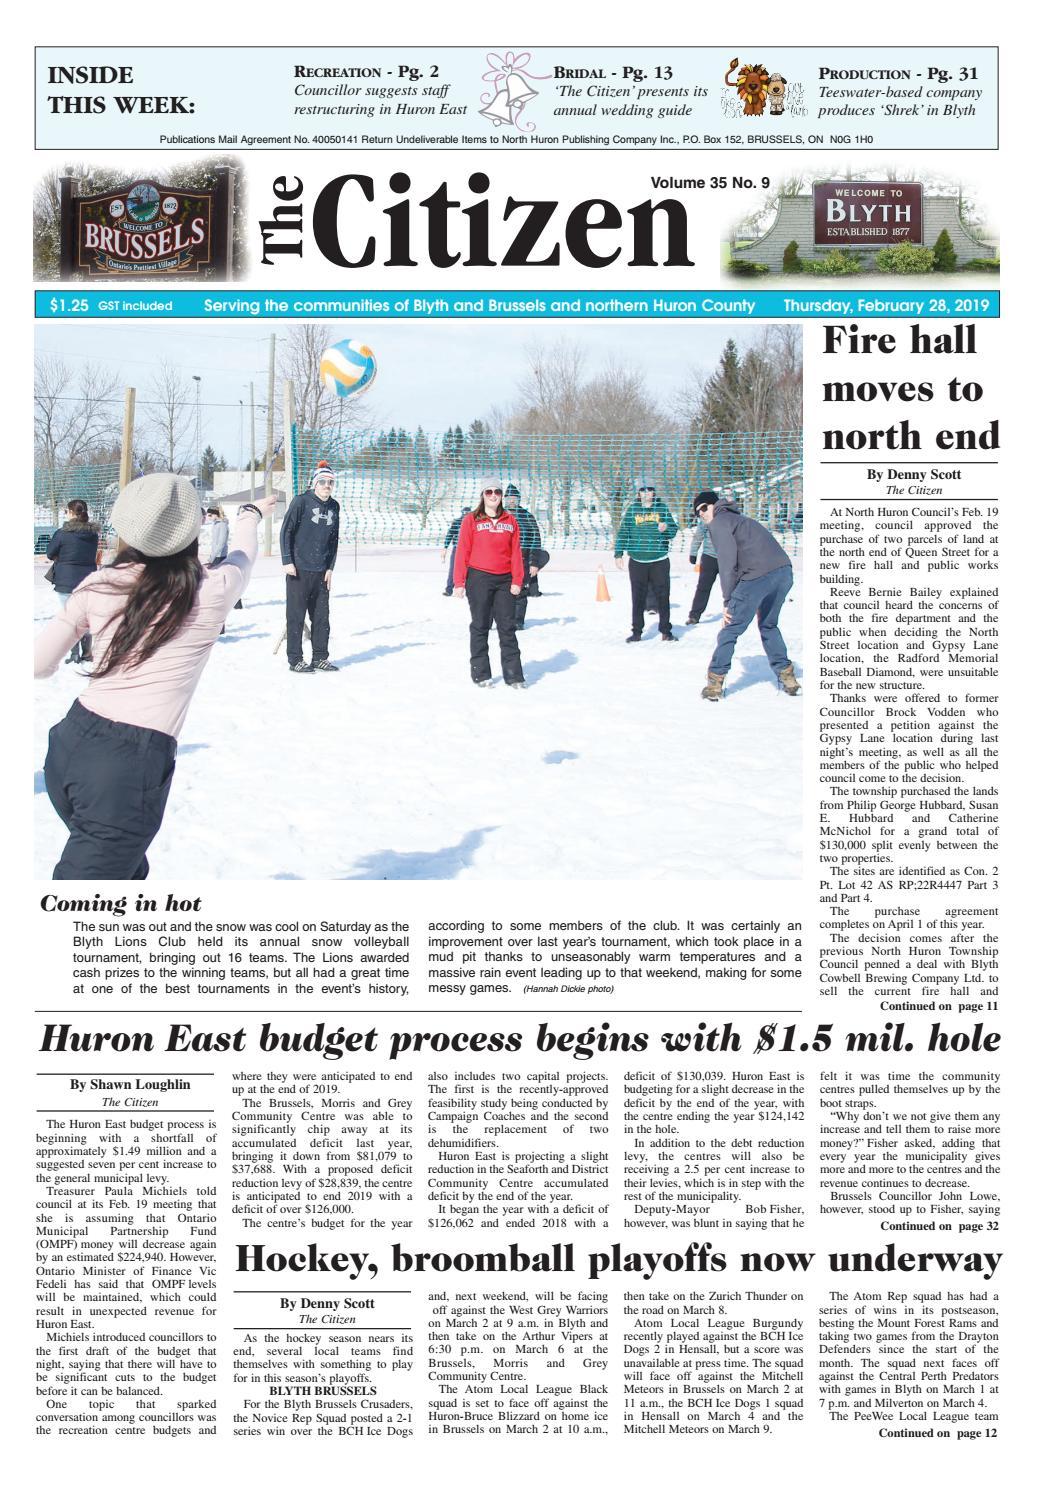 791eb5fc721c The Citizen - February 28